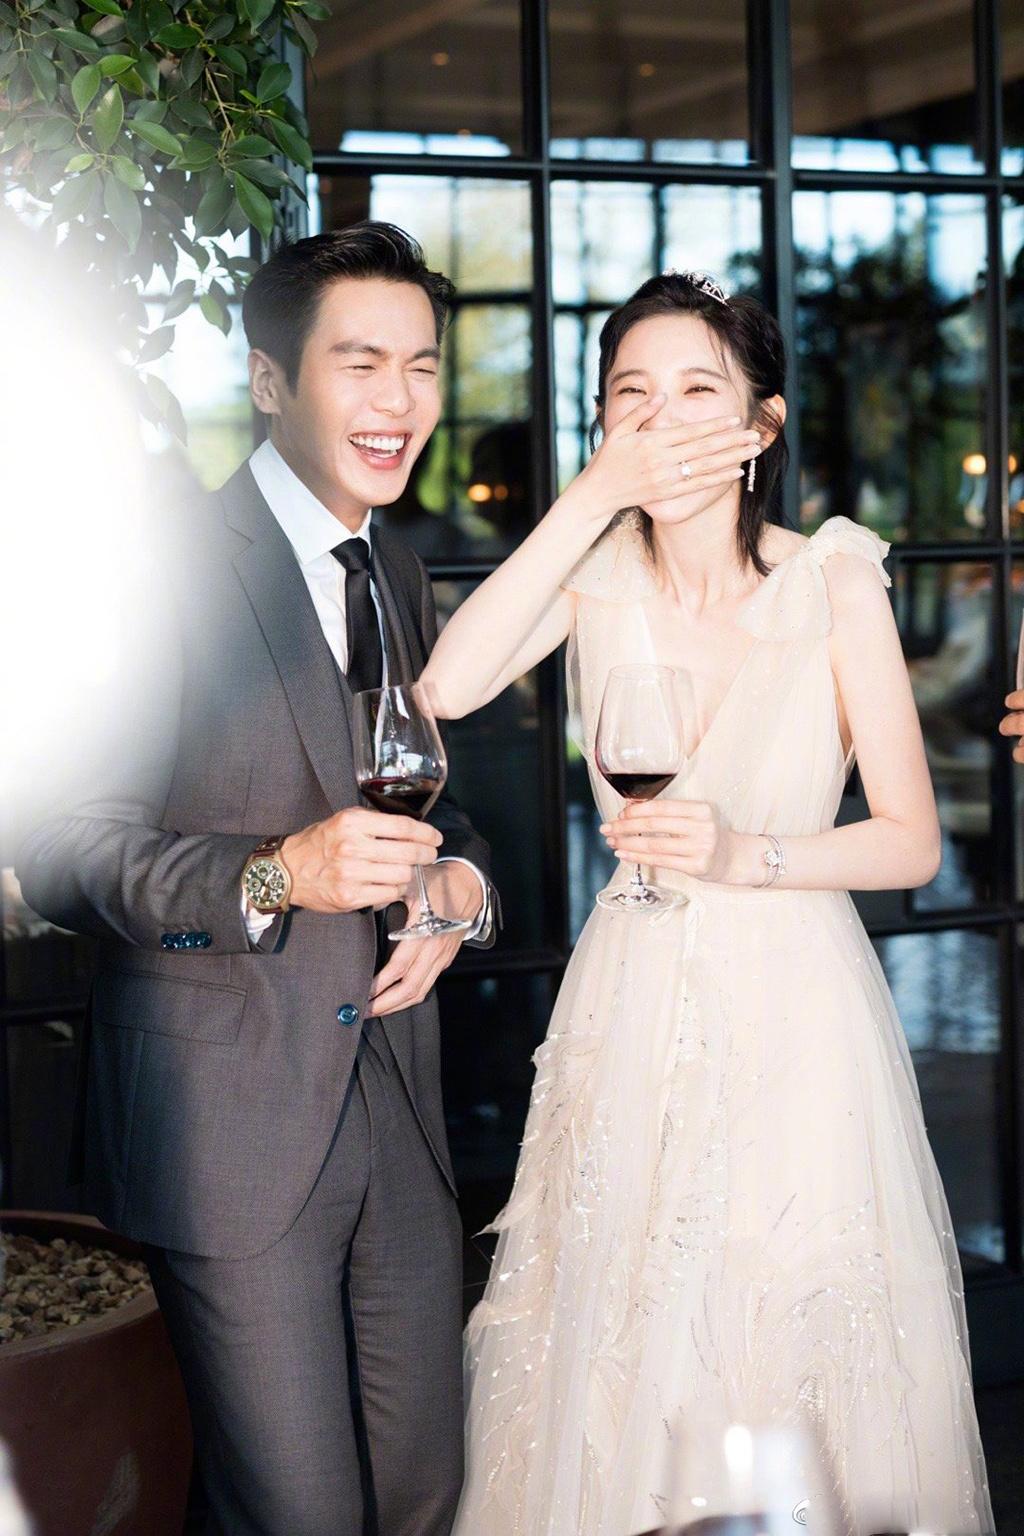 唐藝昕步入婚姻殿堂 多套婚紗造型甜蜜秀恩愛